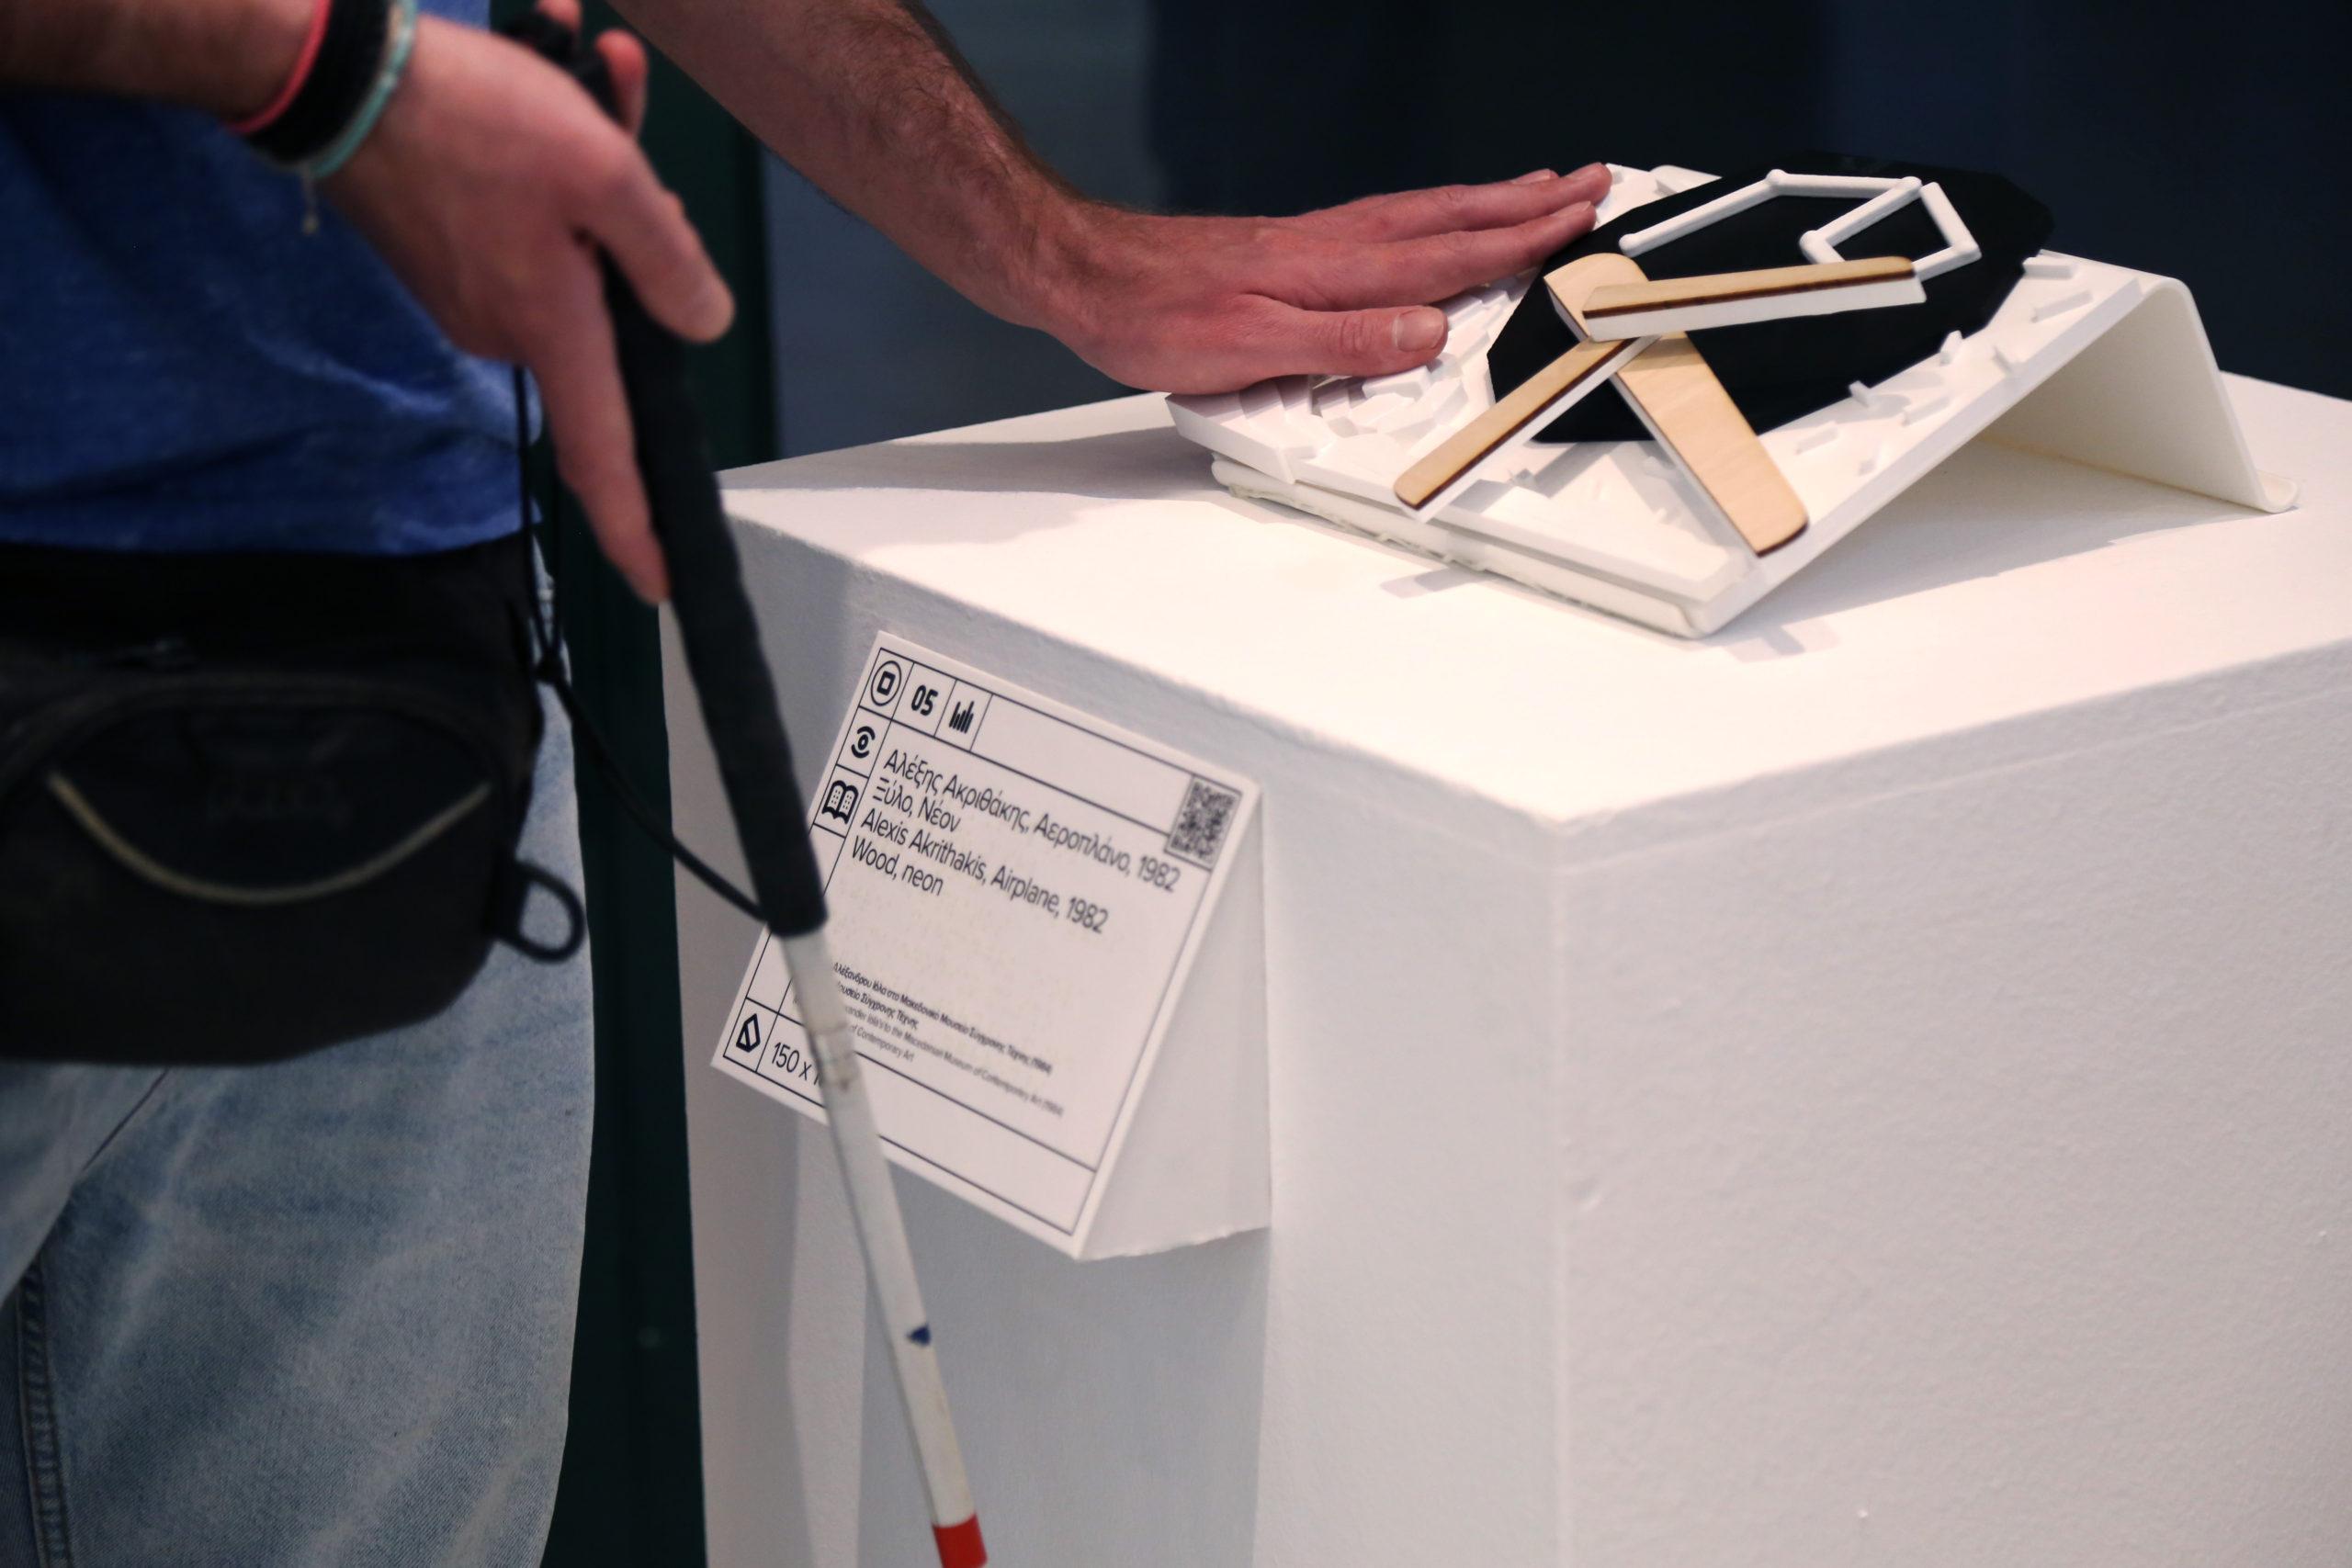 Εικόνα στιγμιότυπο από το βίντεο Ψηλαφώντας την Τέχνη στο Momus-Μουσείο Σύγχρονης Τέχνης 2019/20. Το στιγμιότυπο παρουσιάζει το απτικό βοήθημα που έχει δημιουργηθεί για το έργο του Αλέξη Ακριθάκη Αεροπλάνο με την τεχνολογία της τρισδιάστατης εκτύπωσης κατά την απτική διερεύνηση από χρήστη με οπτική αναπηρία. Ο χρήστης με το αριστερό χέρι ψηλαφεί το απτικό βοήθημα και με το δεξί κρατάει το λευκό μπαστούνι. Το απτικό βοήθημα είναι τοποθετημένο στην άνω πλευρά ενός βάθρου ενώ παράλληλα εμφανίζεται και η λεζάντα του έργου που είναι τοποθετημένη στη μπροστινή πλευρά του βάθρου κάτω από το απτικό βοήθημα και φέρει κείμενο σε μεγαλογράμματη γραφή, μεταγραφή σε ελληνική μπράιγ και ανάγλυφο QR κωδικό για πρόσβαση στην ακουστική περιγραφή του έργου τέχνης.